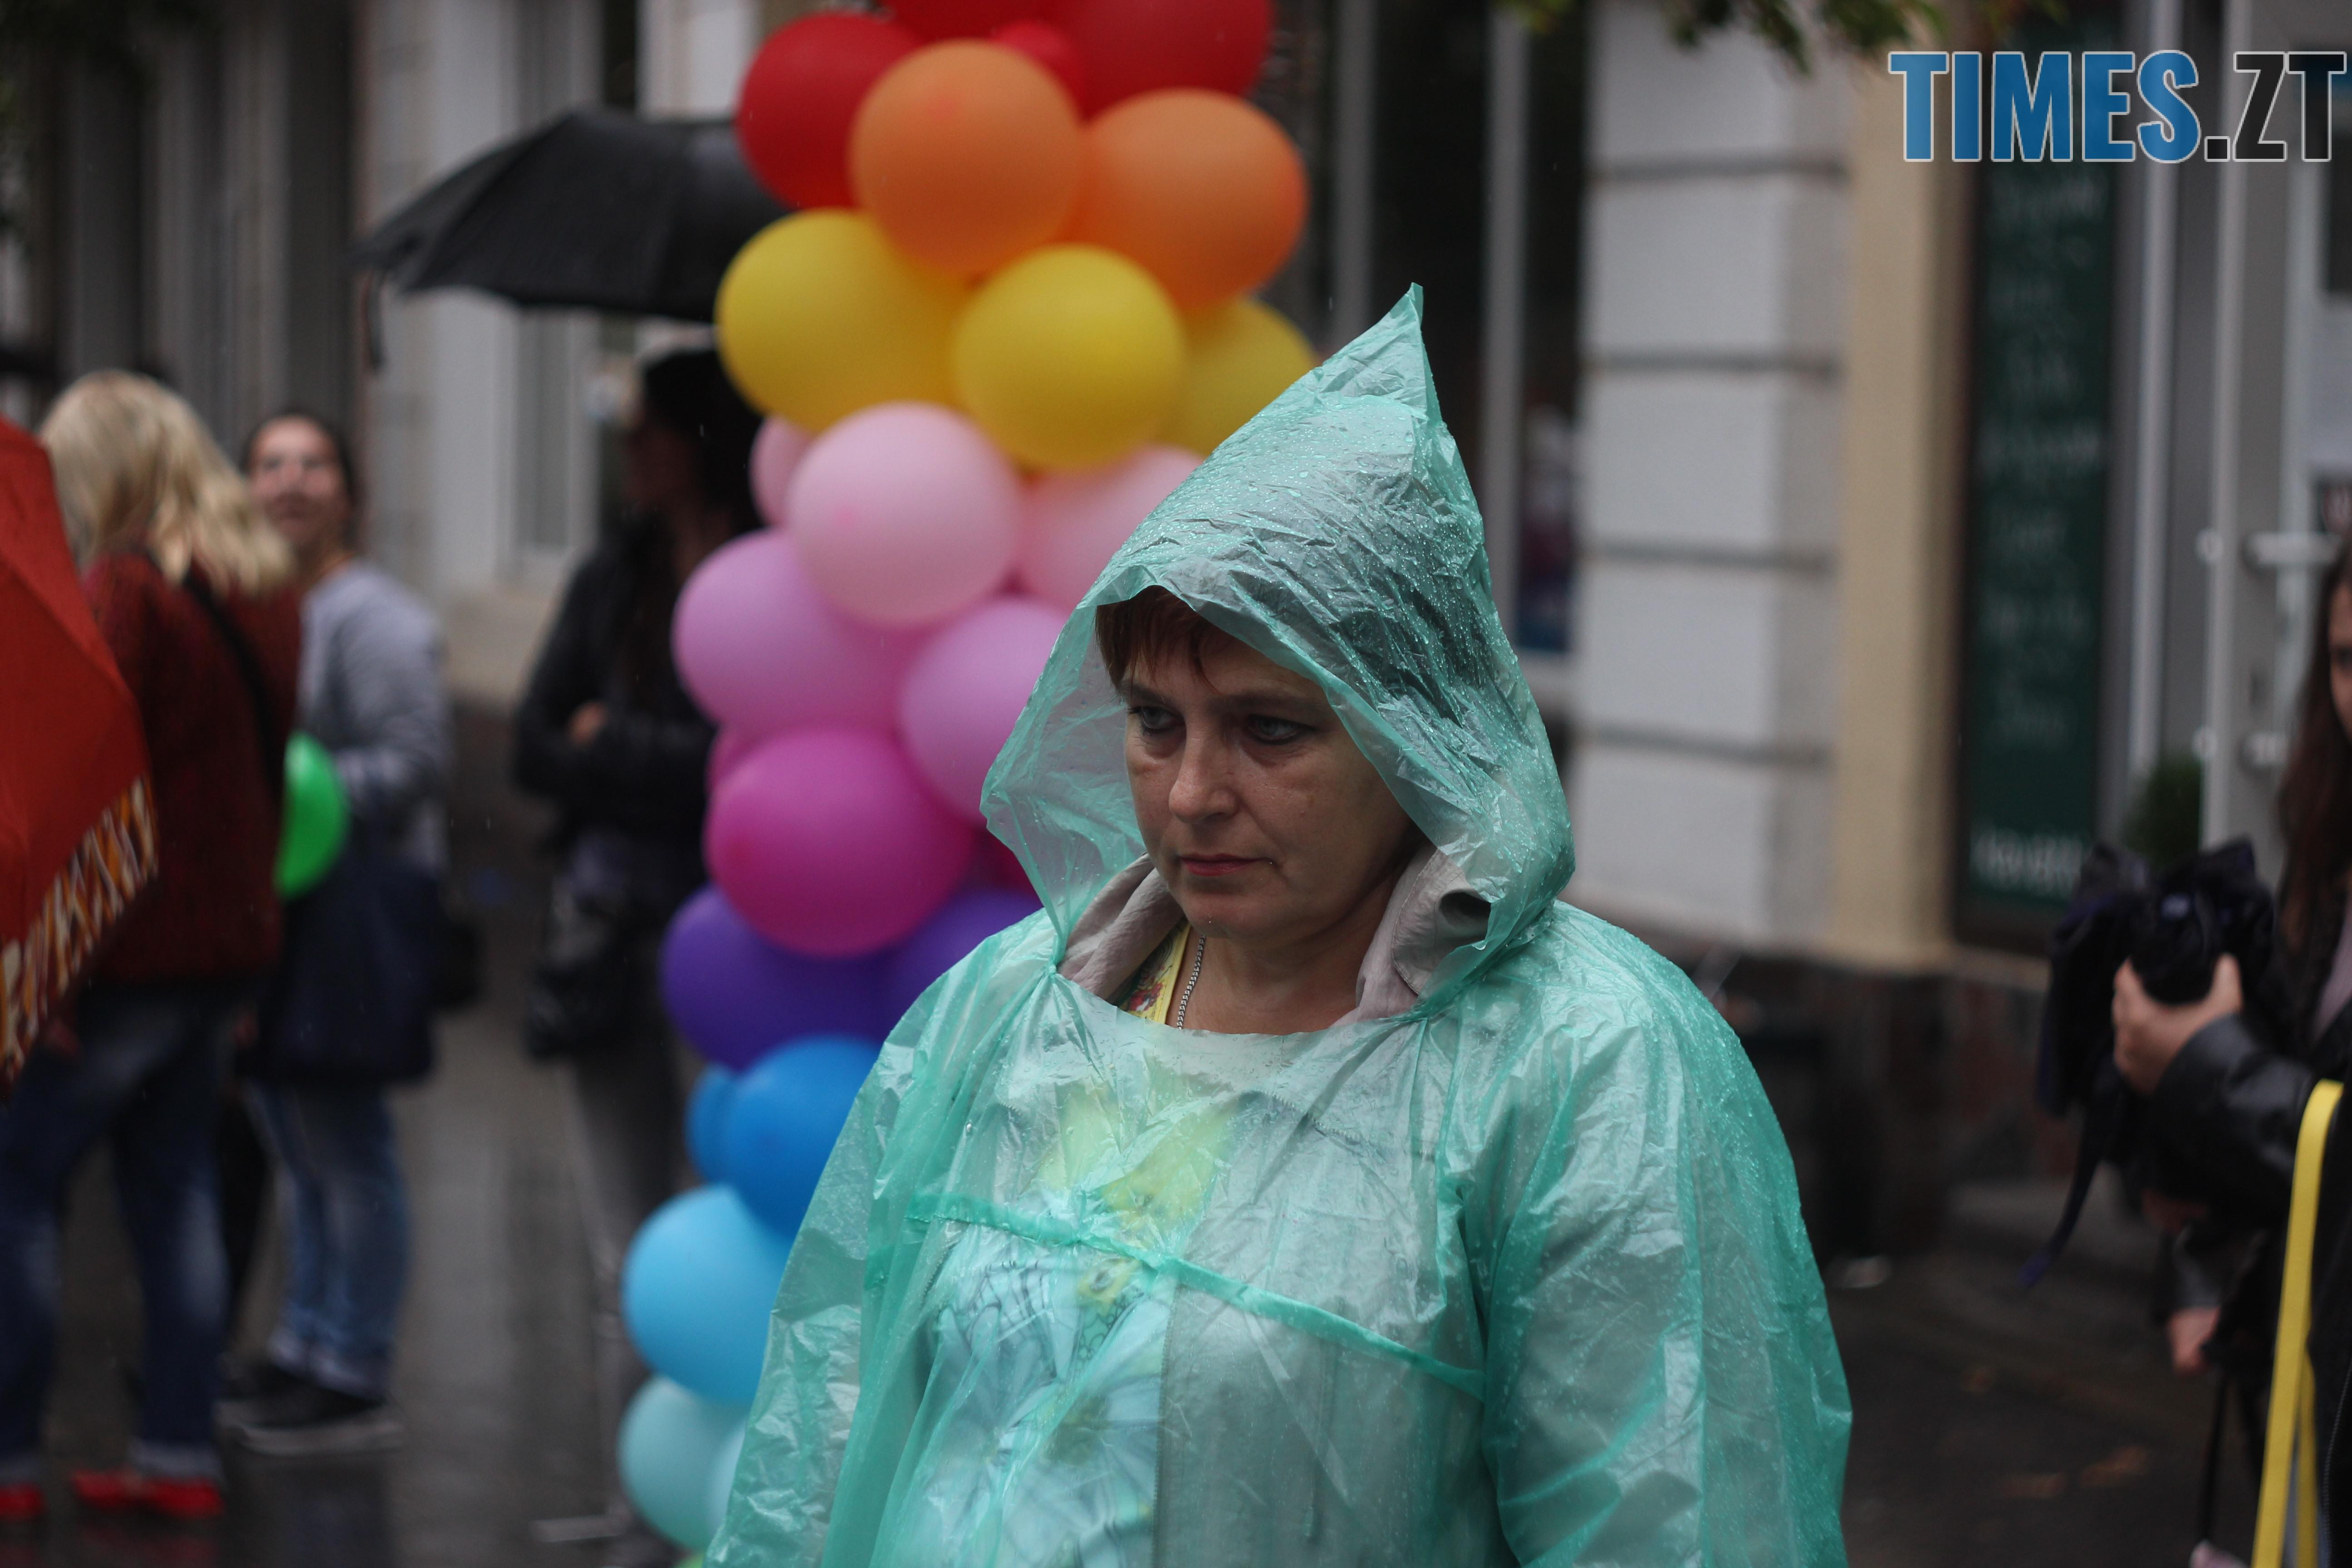 IMG 9694 - Дитячі розваги на Михайлівській: маленькі житомиряни святкують День міста (ФОТО)